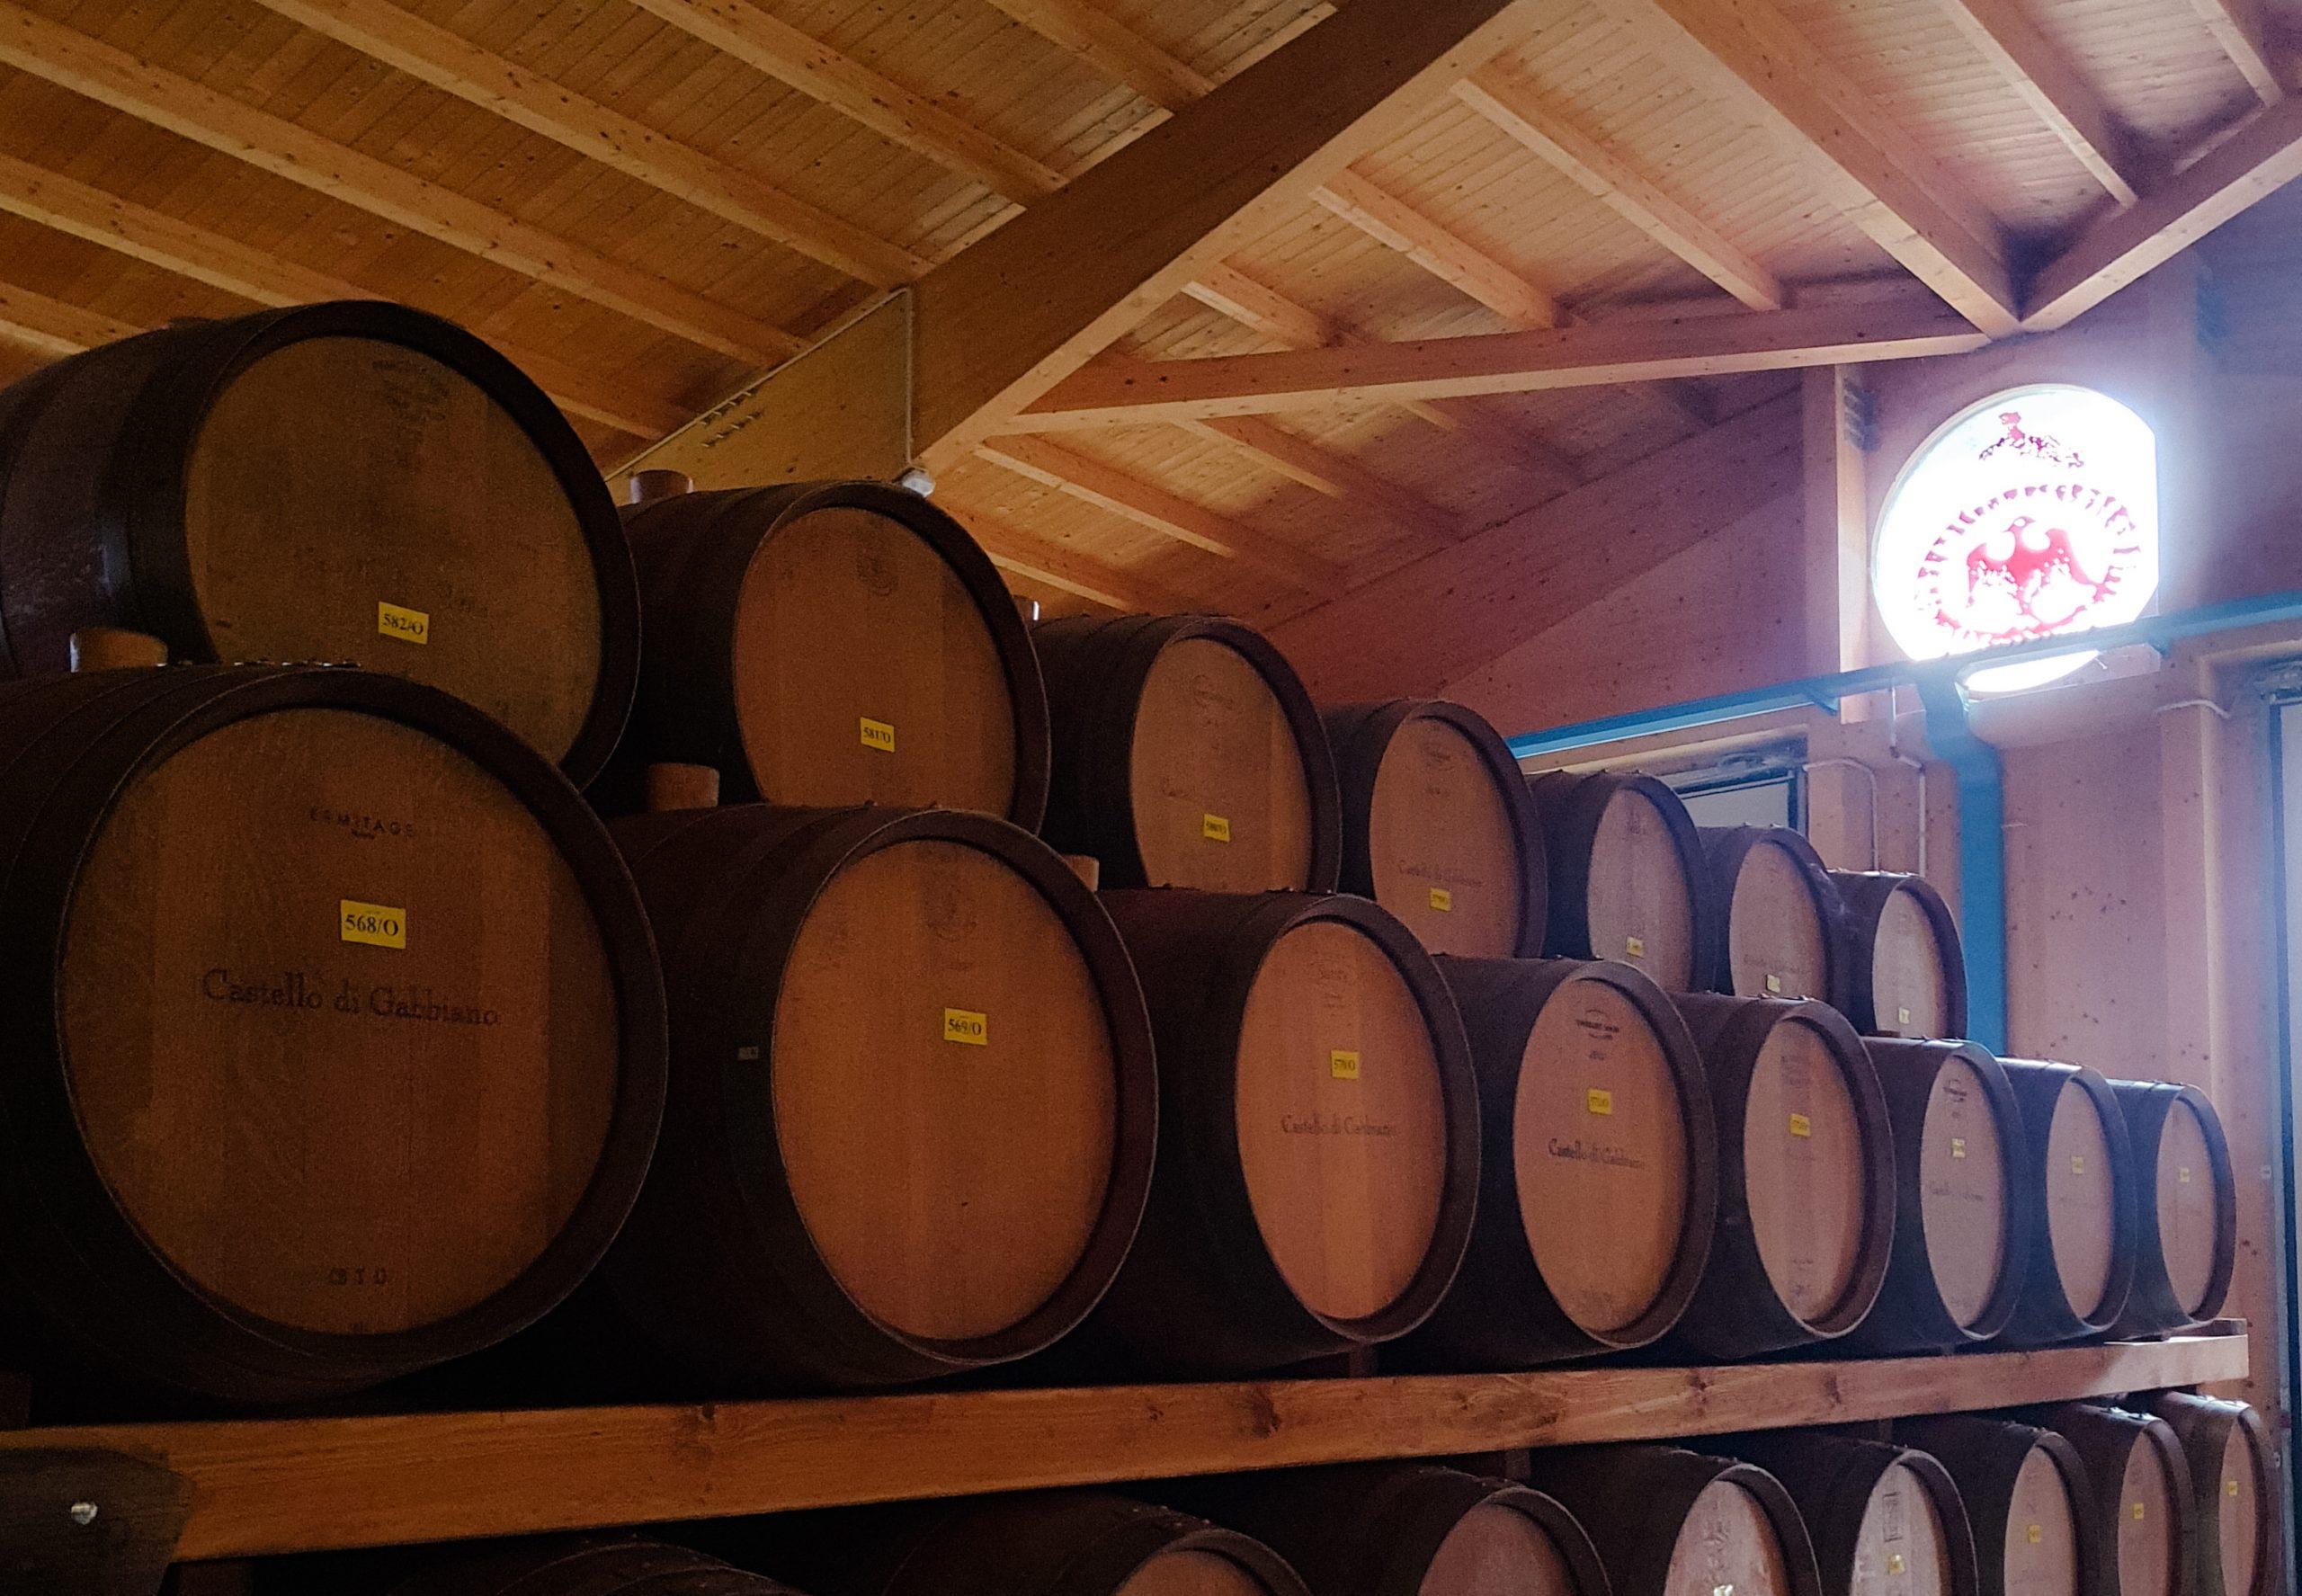 Visita all'acetaia Delizia Estense presso l'azienda agricola Bertoni di Montegibbio